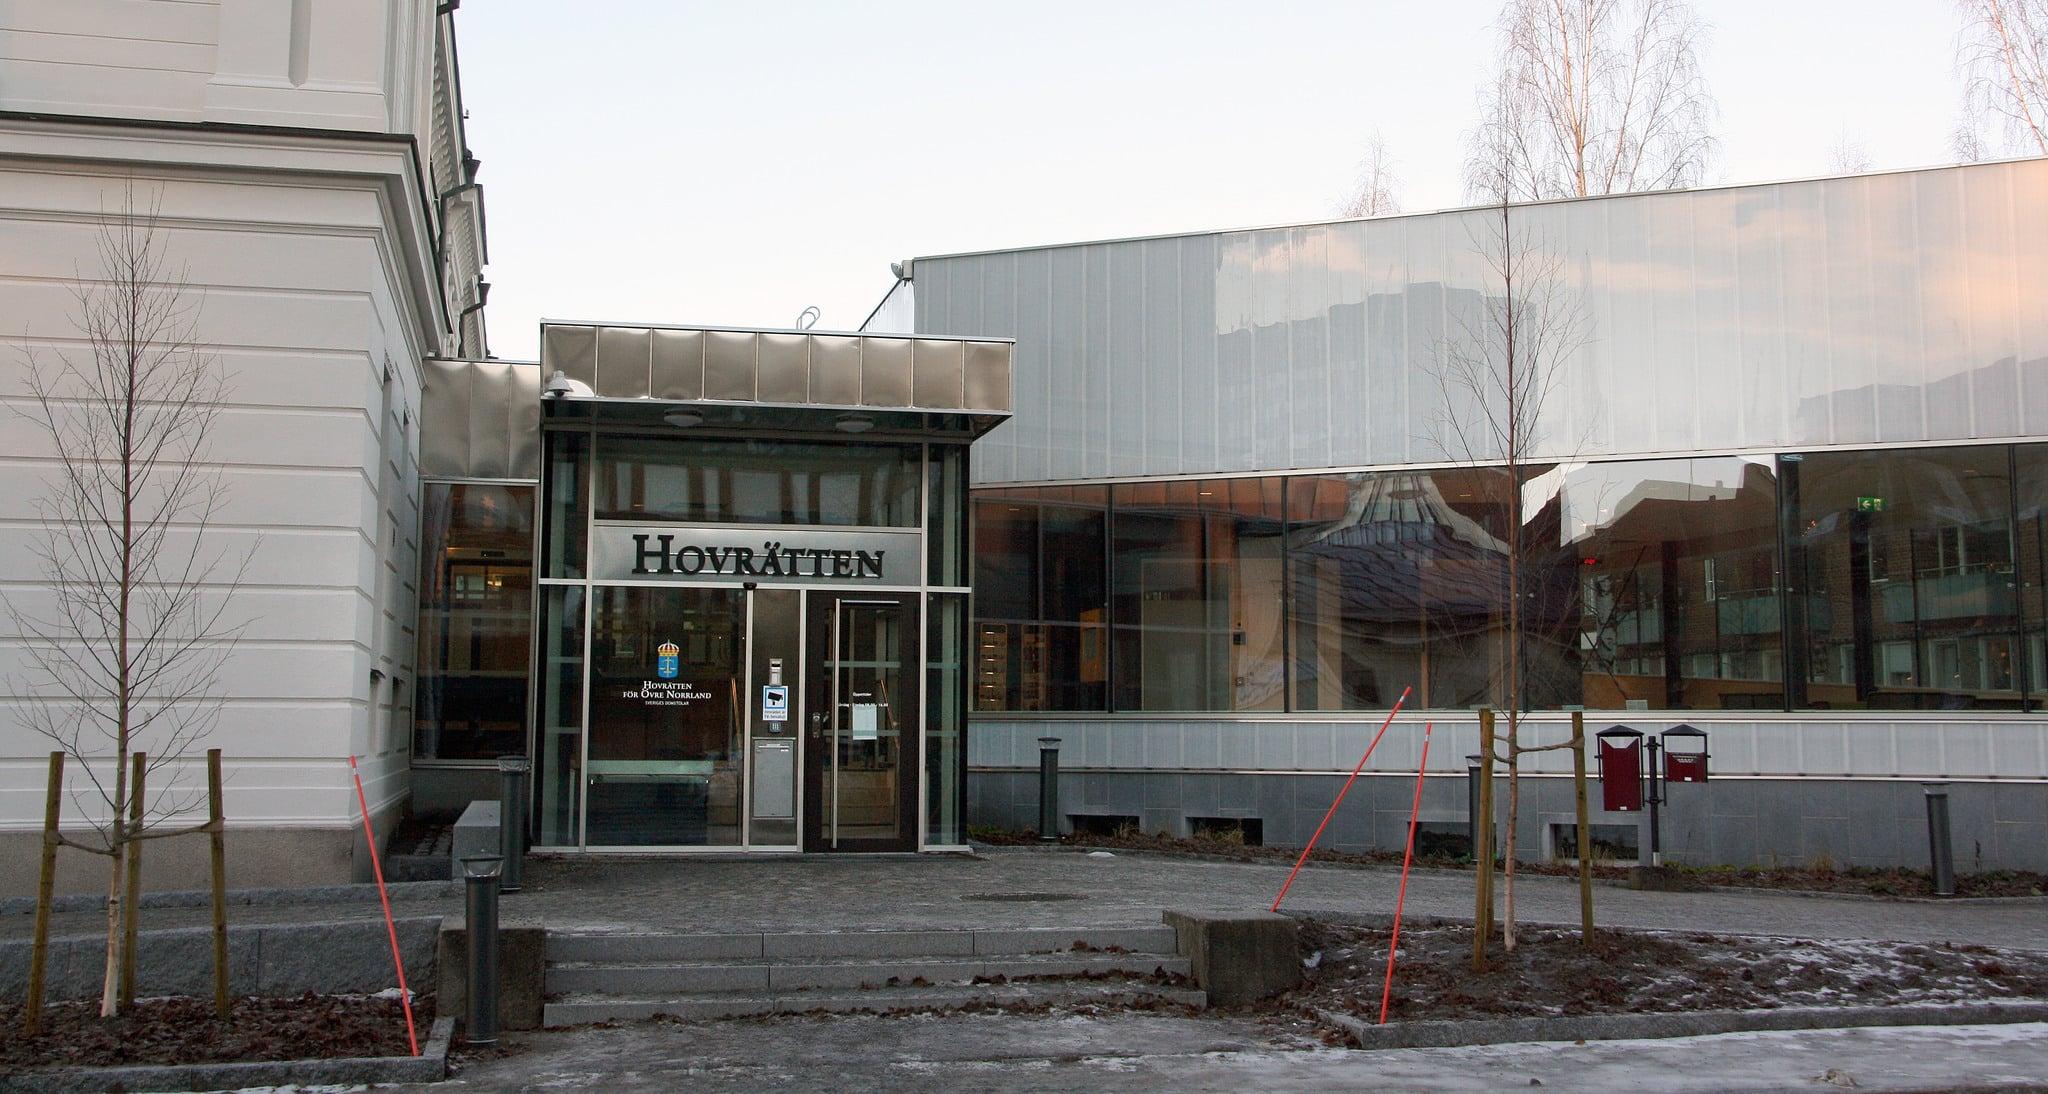 I dag, tisdag, kom Hovrätten övre Norrlands dom i Girjasrättegången.